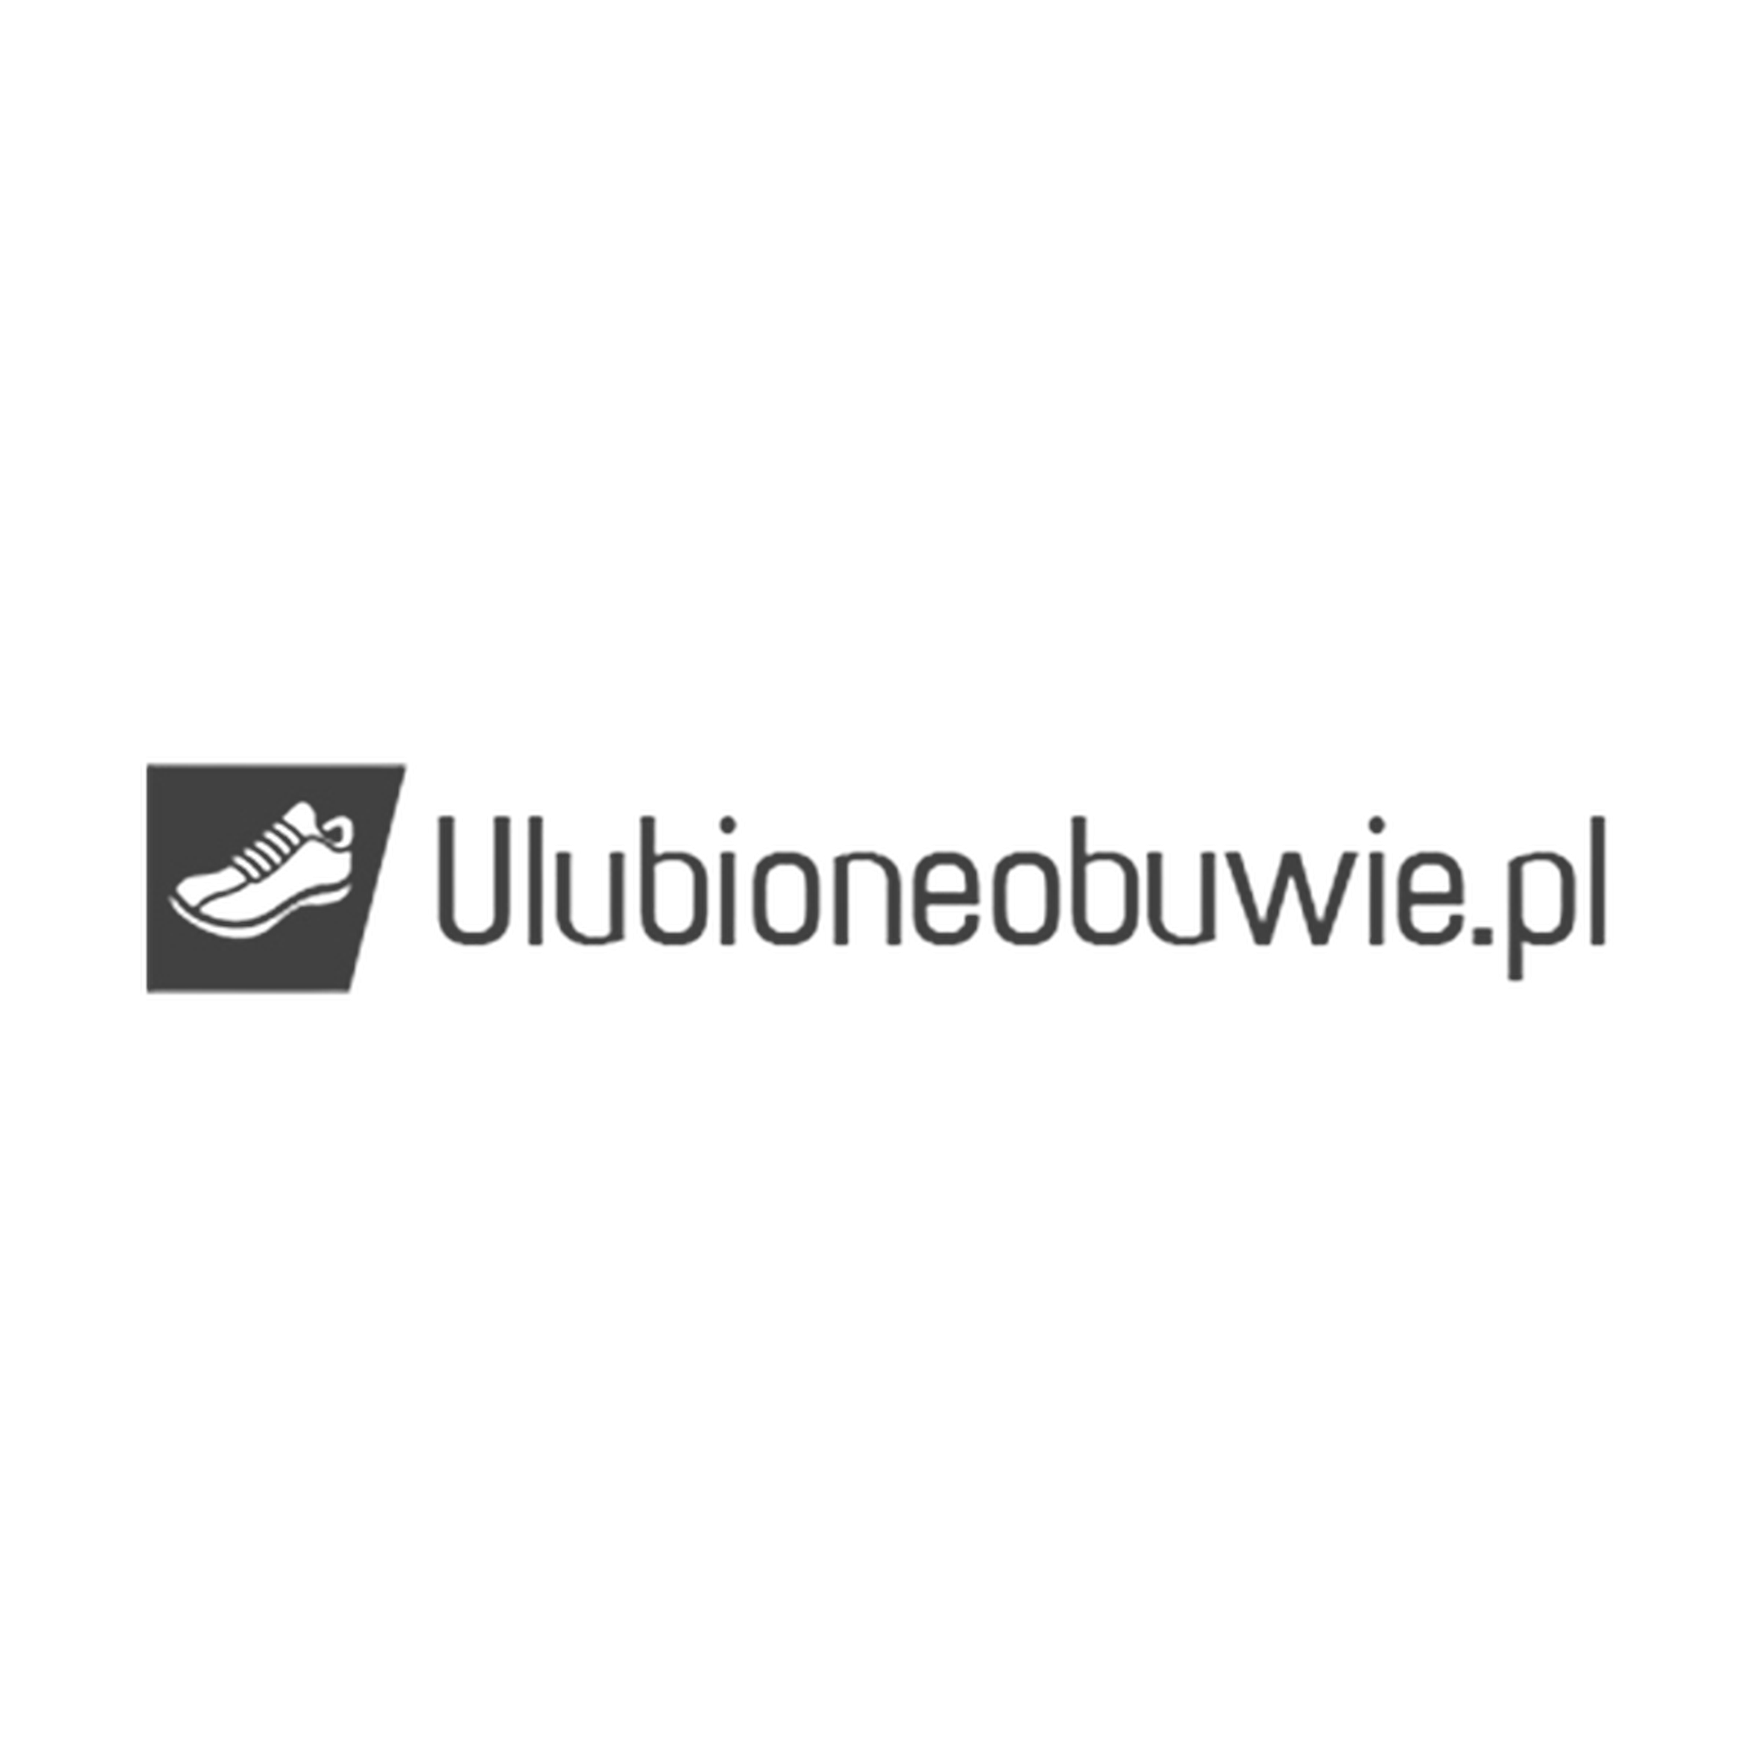 Ulubioneobuwie.pl